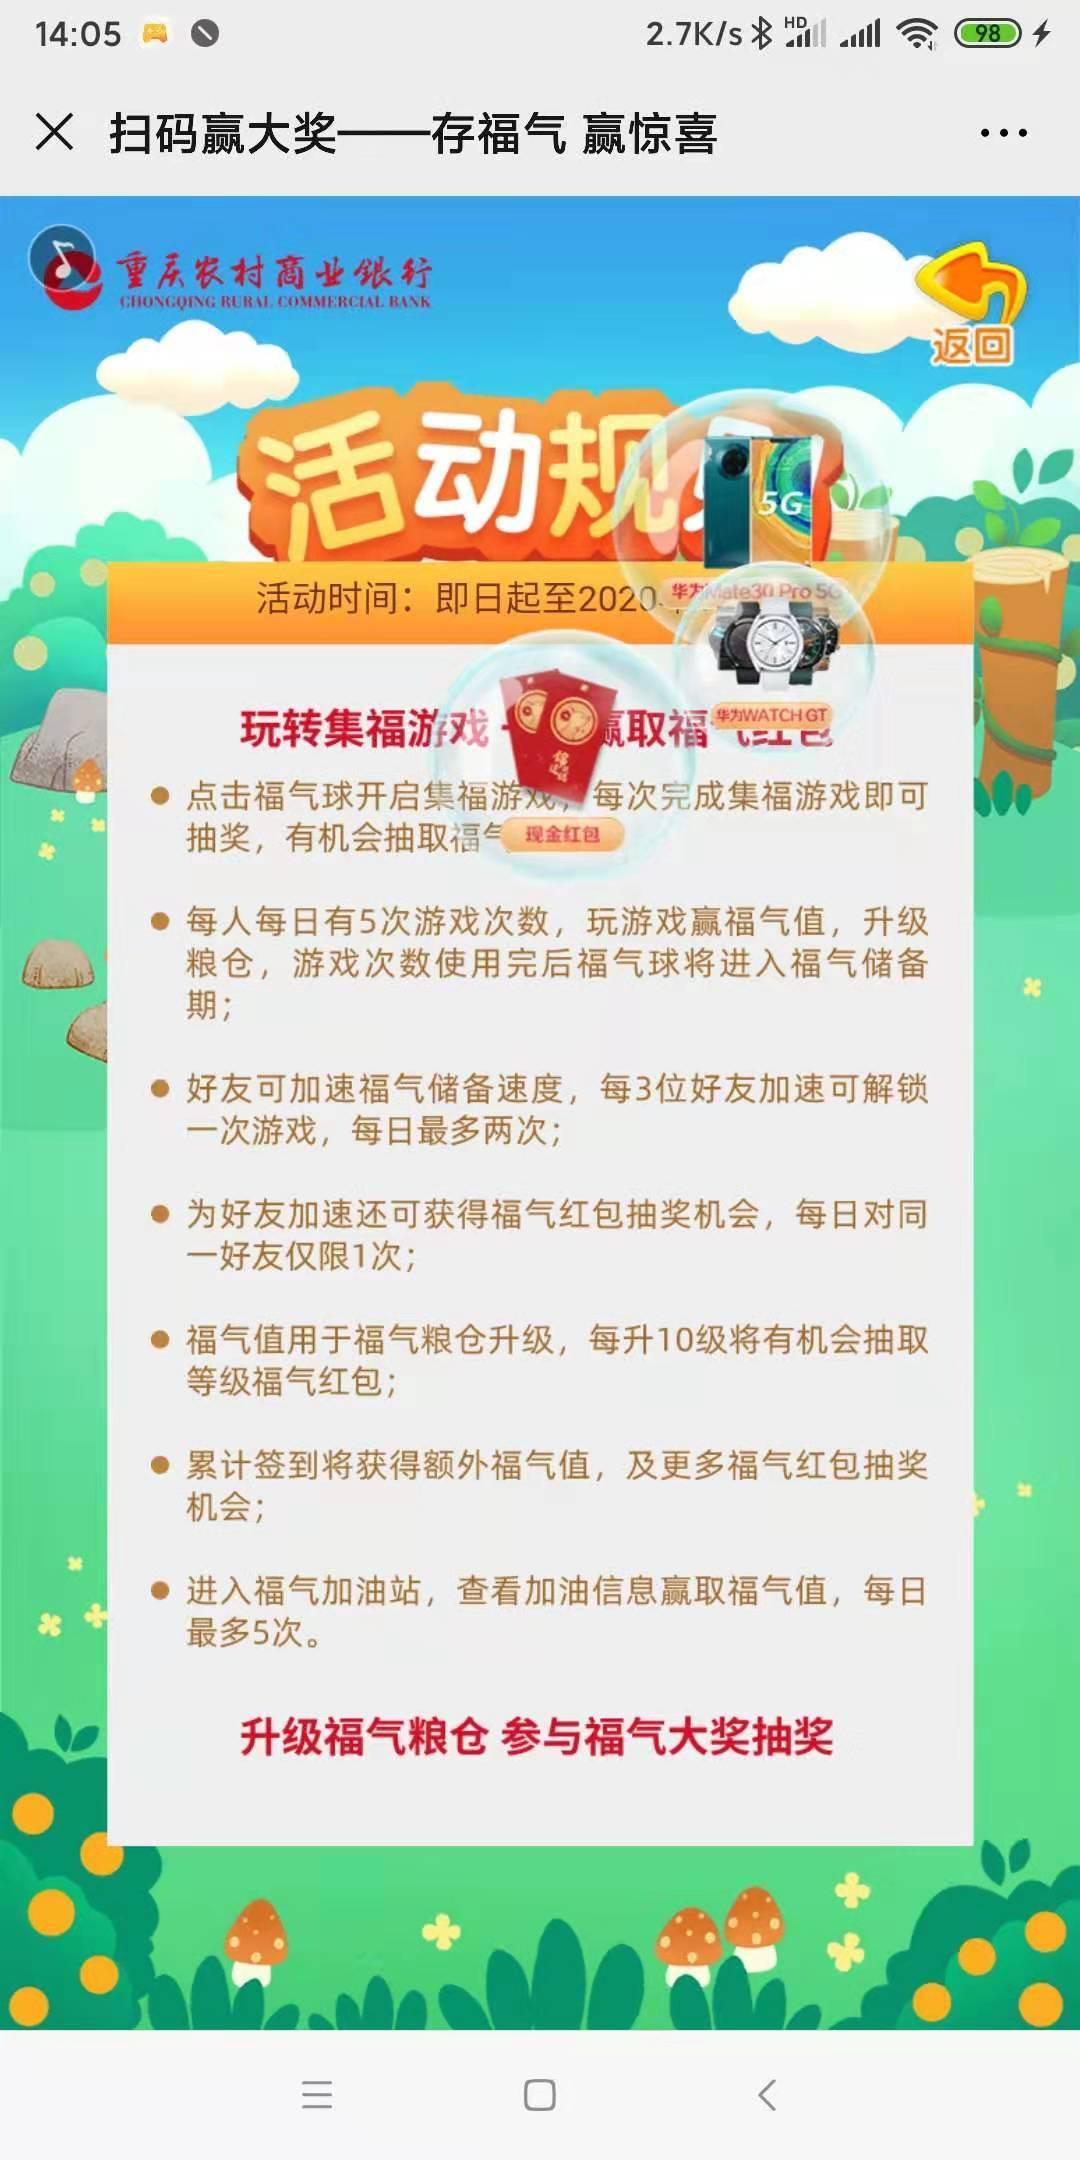 参与重庆农村商业银行存福气领取1元现金红包秒到 红包活动 第3张